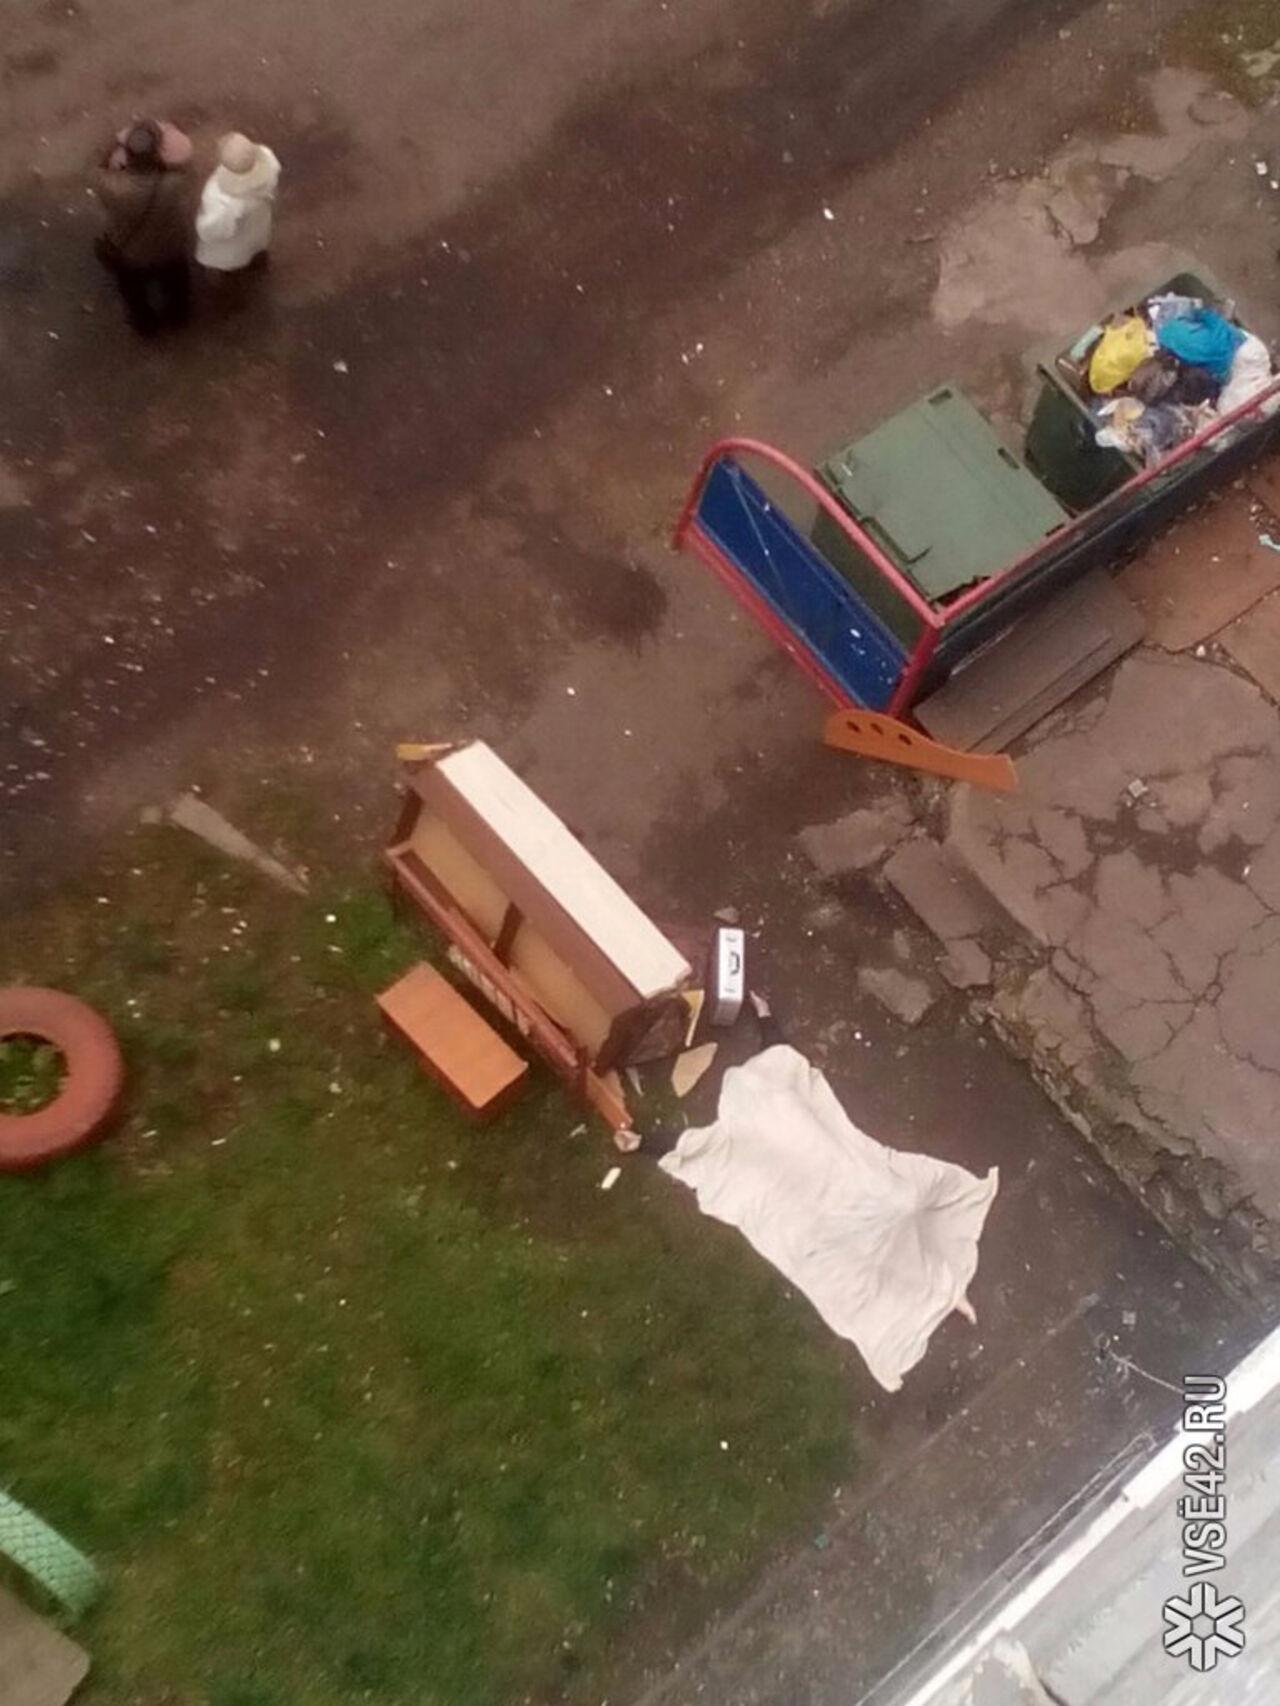 парень выпал из окна кемерово синтетической